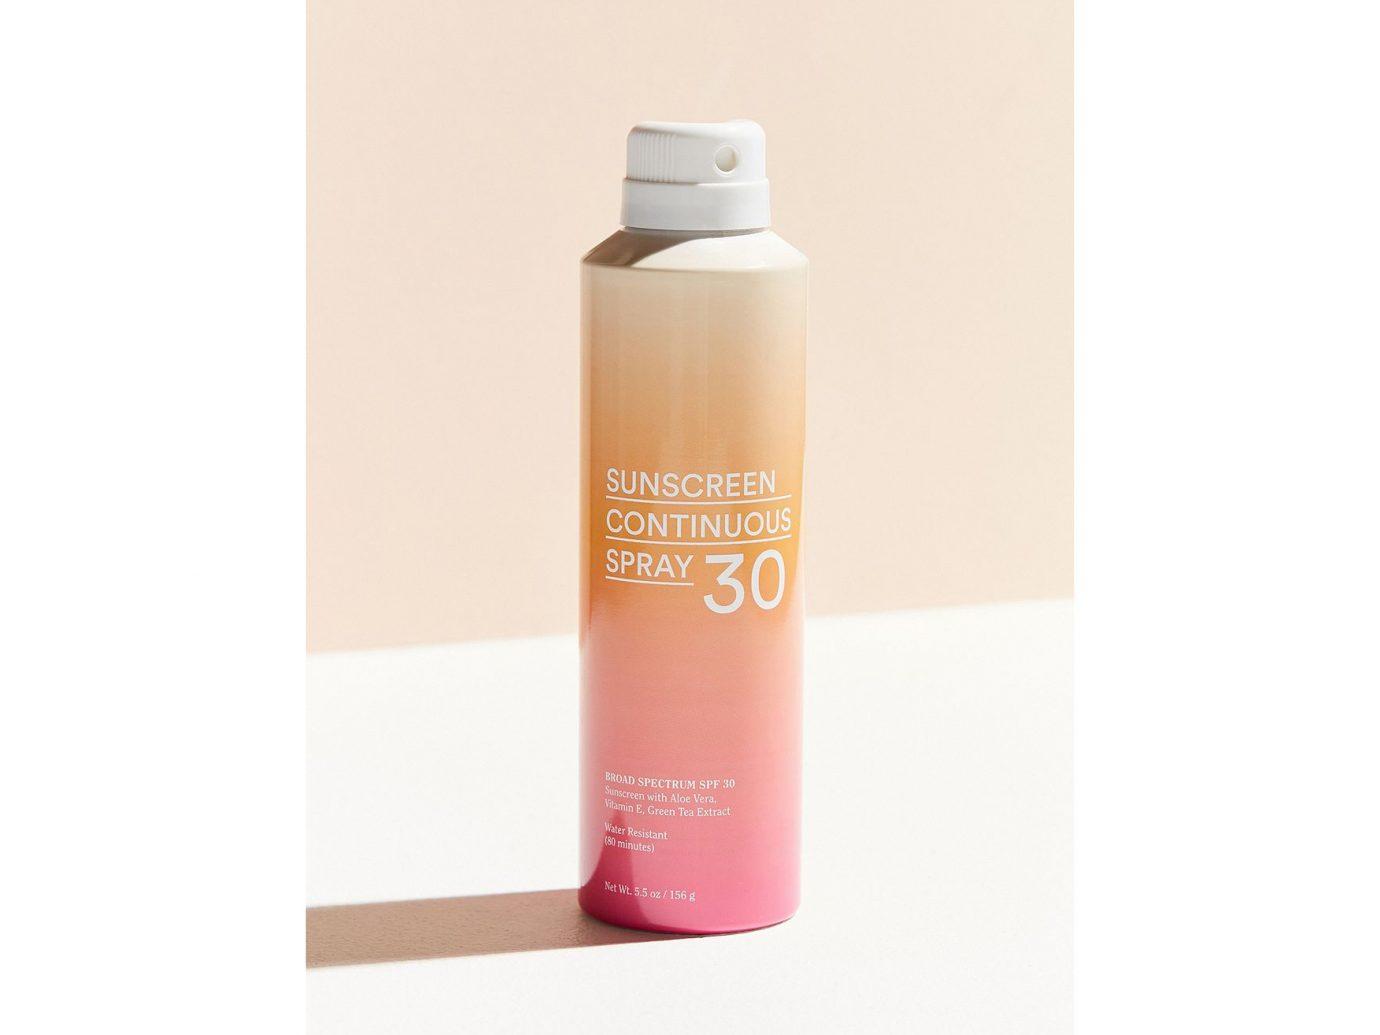 UO SPF 30 Continuous Spray Sunscreen